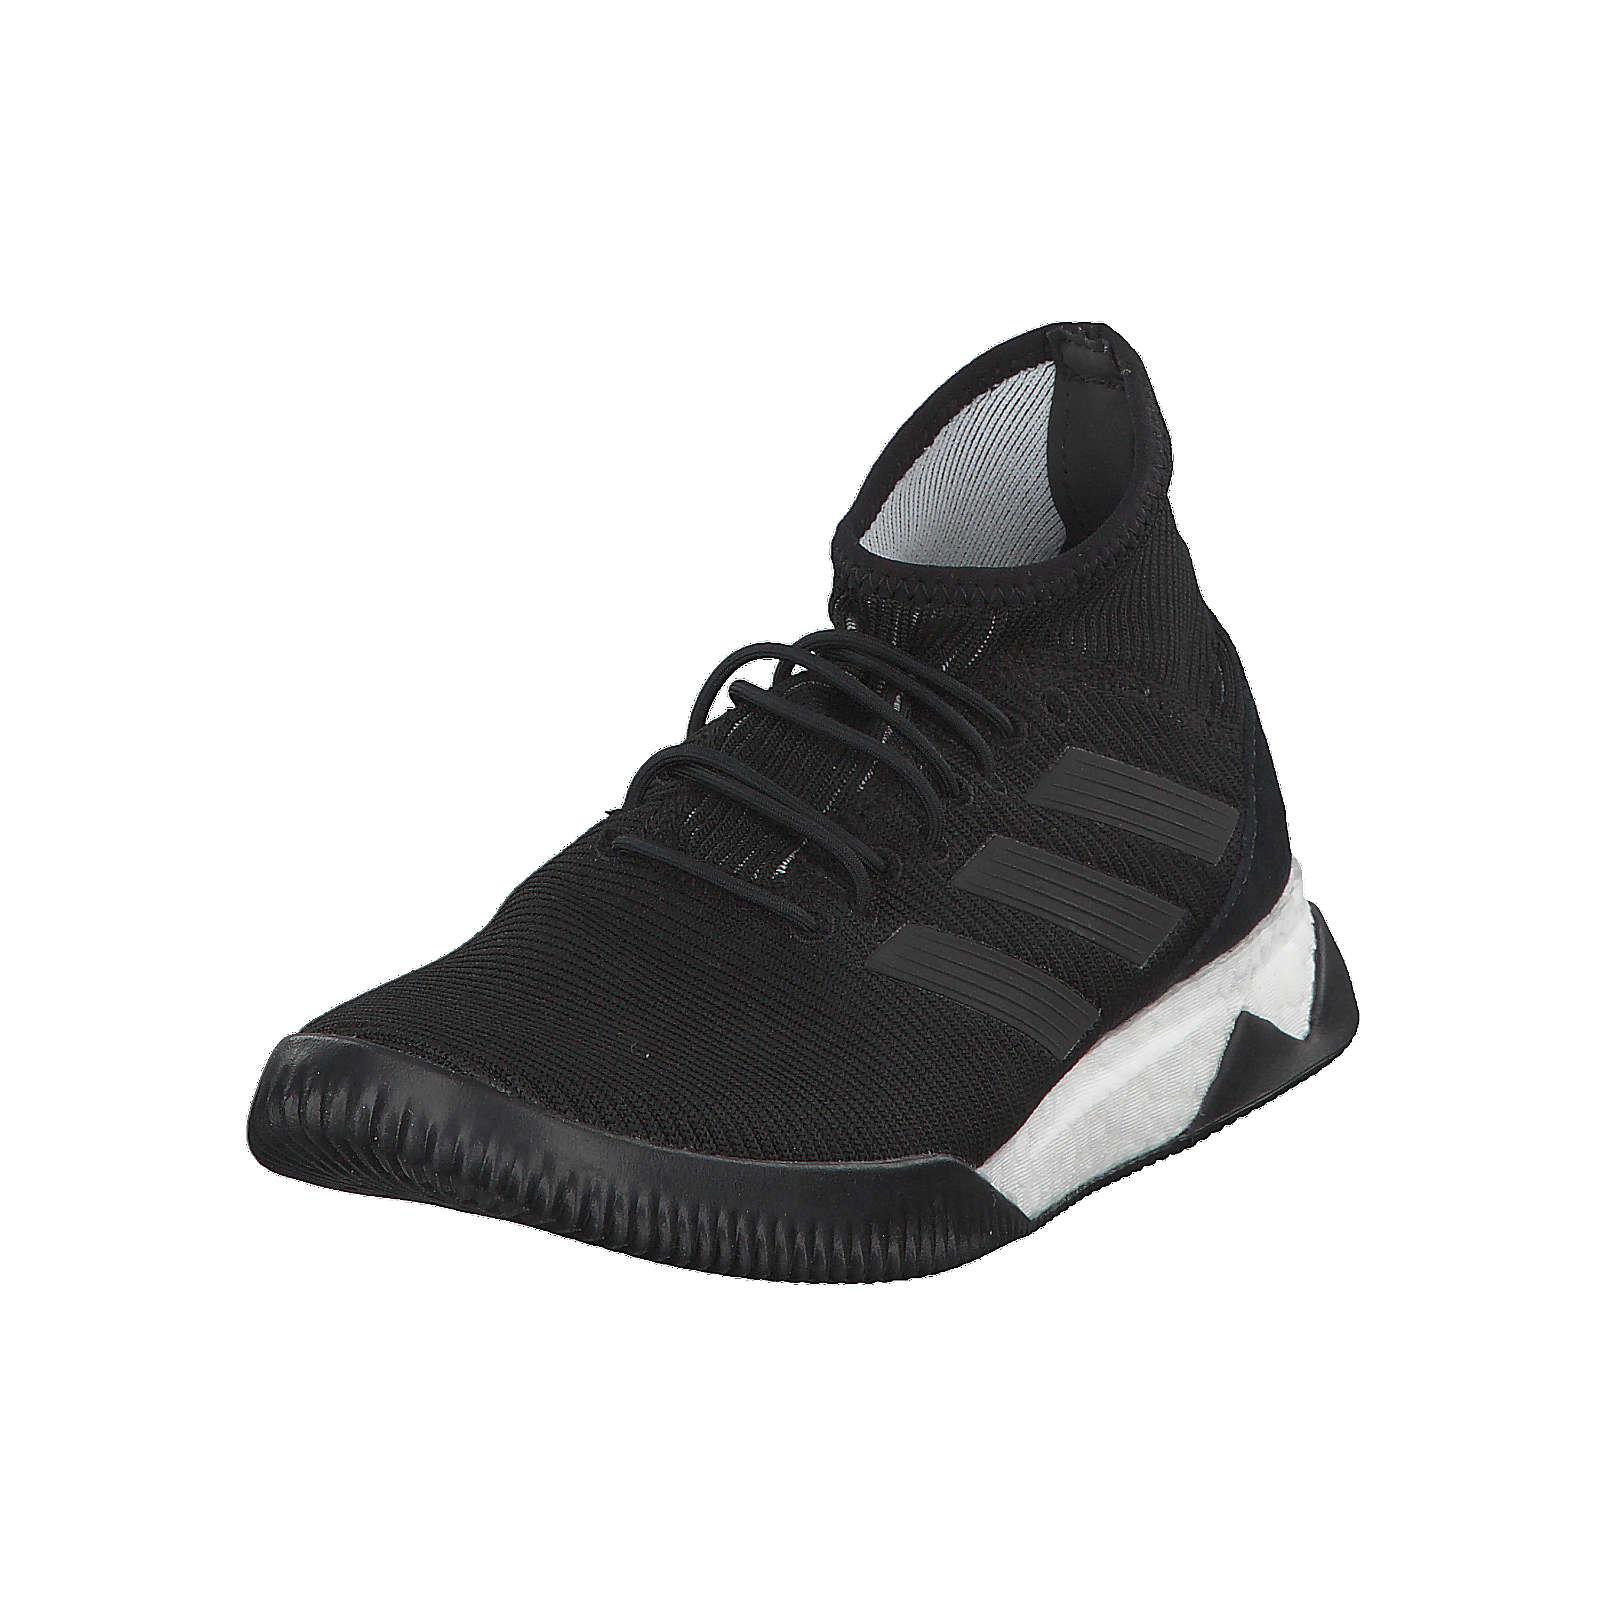 adidas Performance Fussballschuh Predator Tango 18.1 TR mit Streetsohle CP9268 Sportschuhe schwarz Herren Gr. 42 2/3